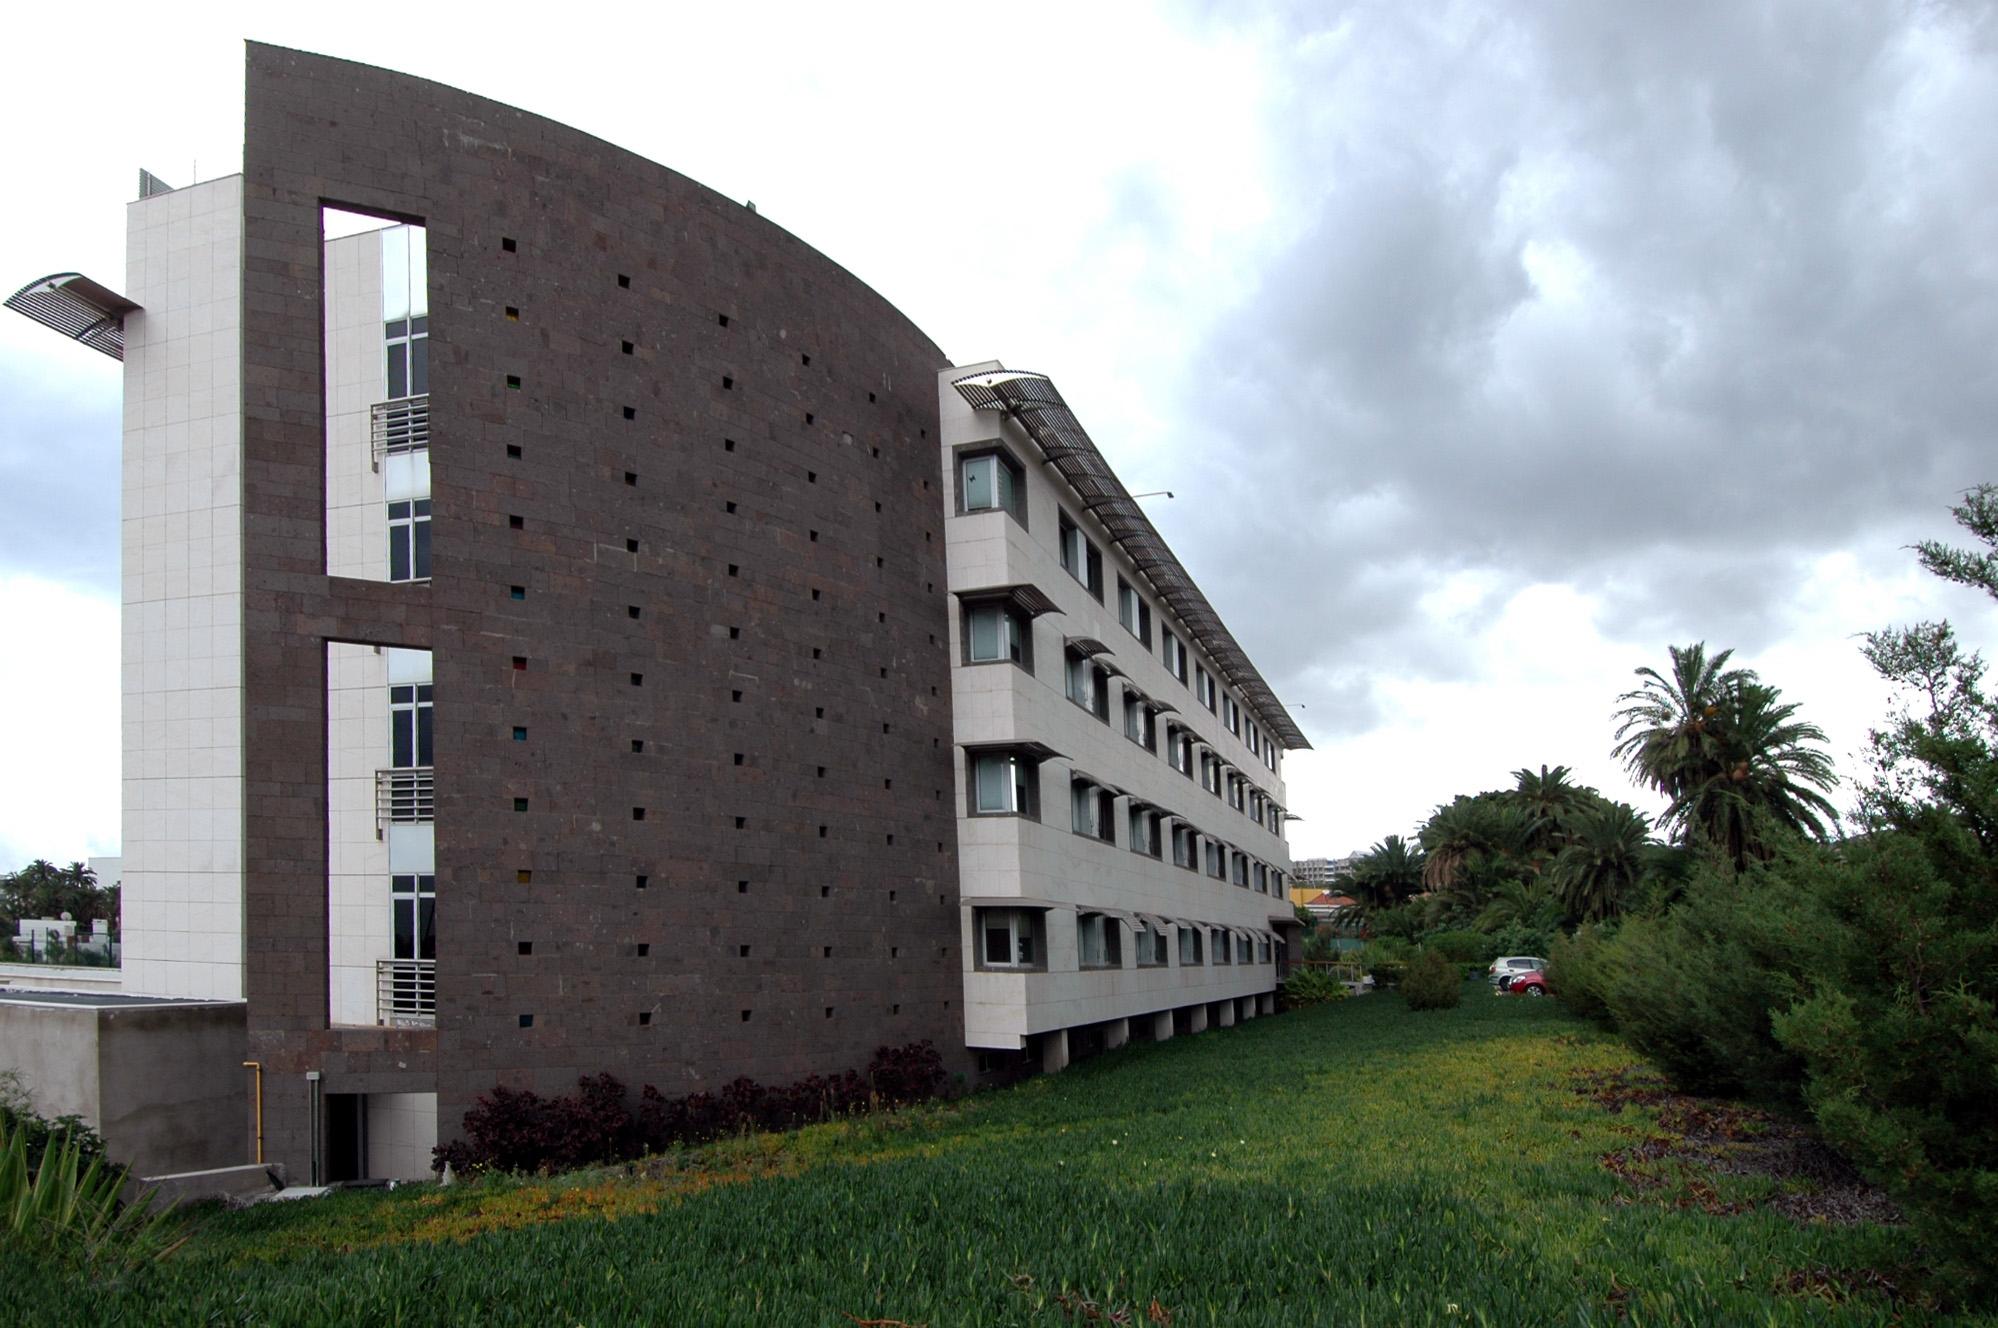 Residencia universitaria Campus